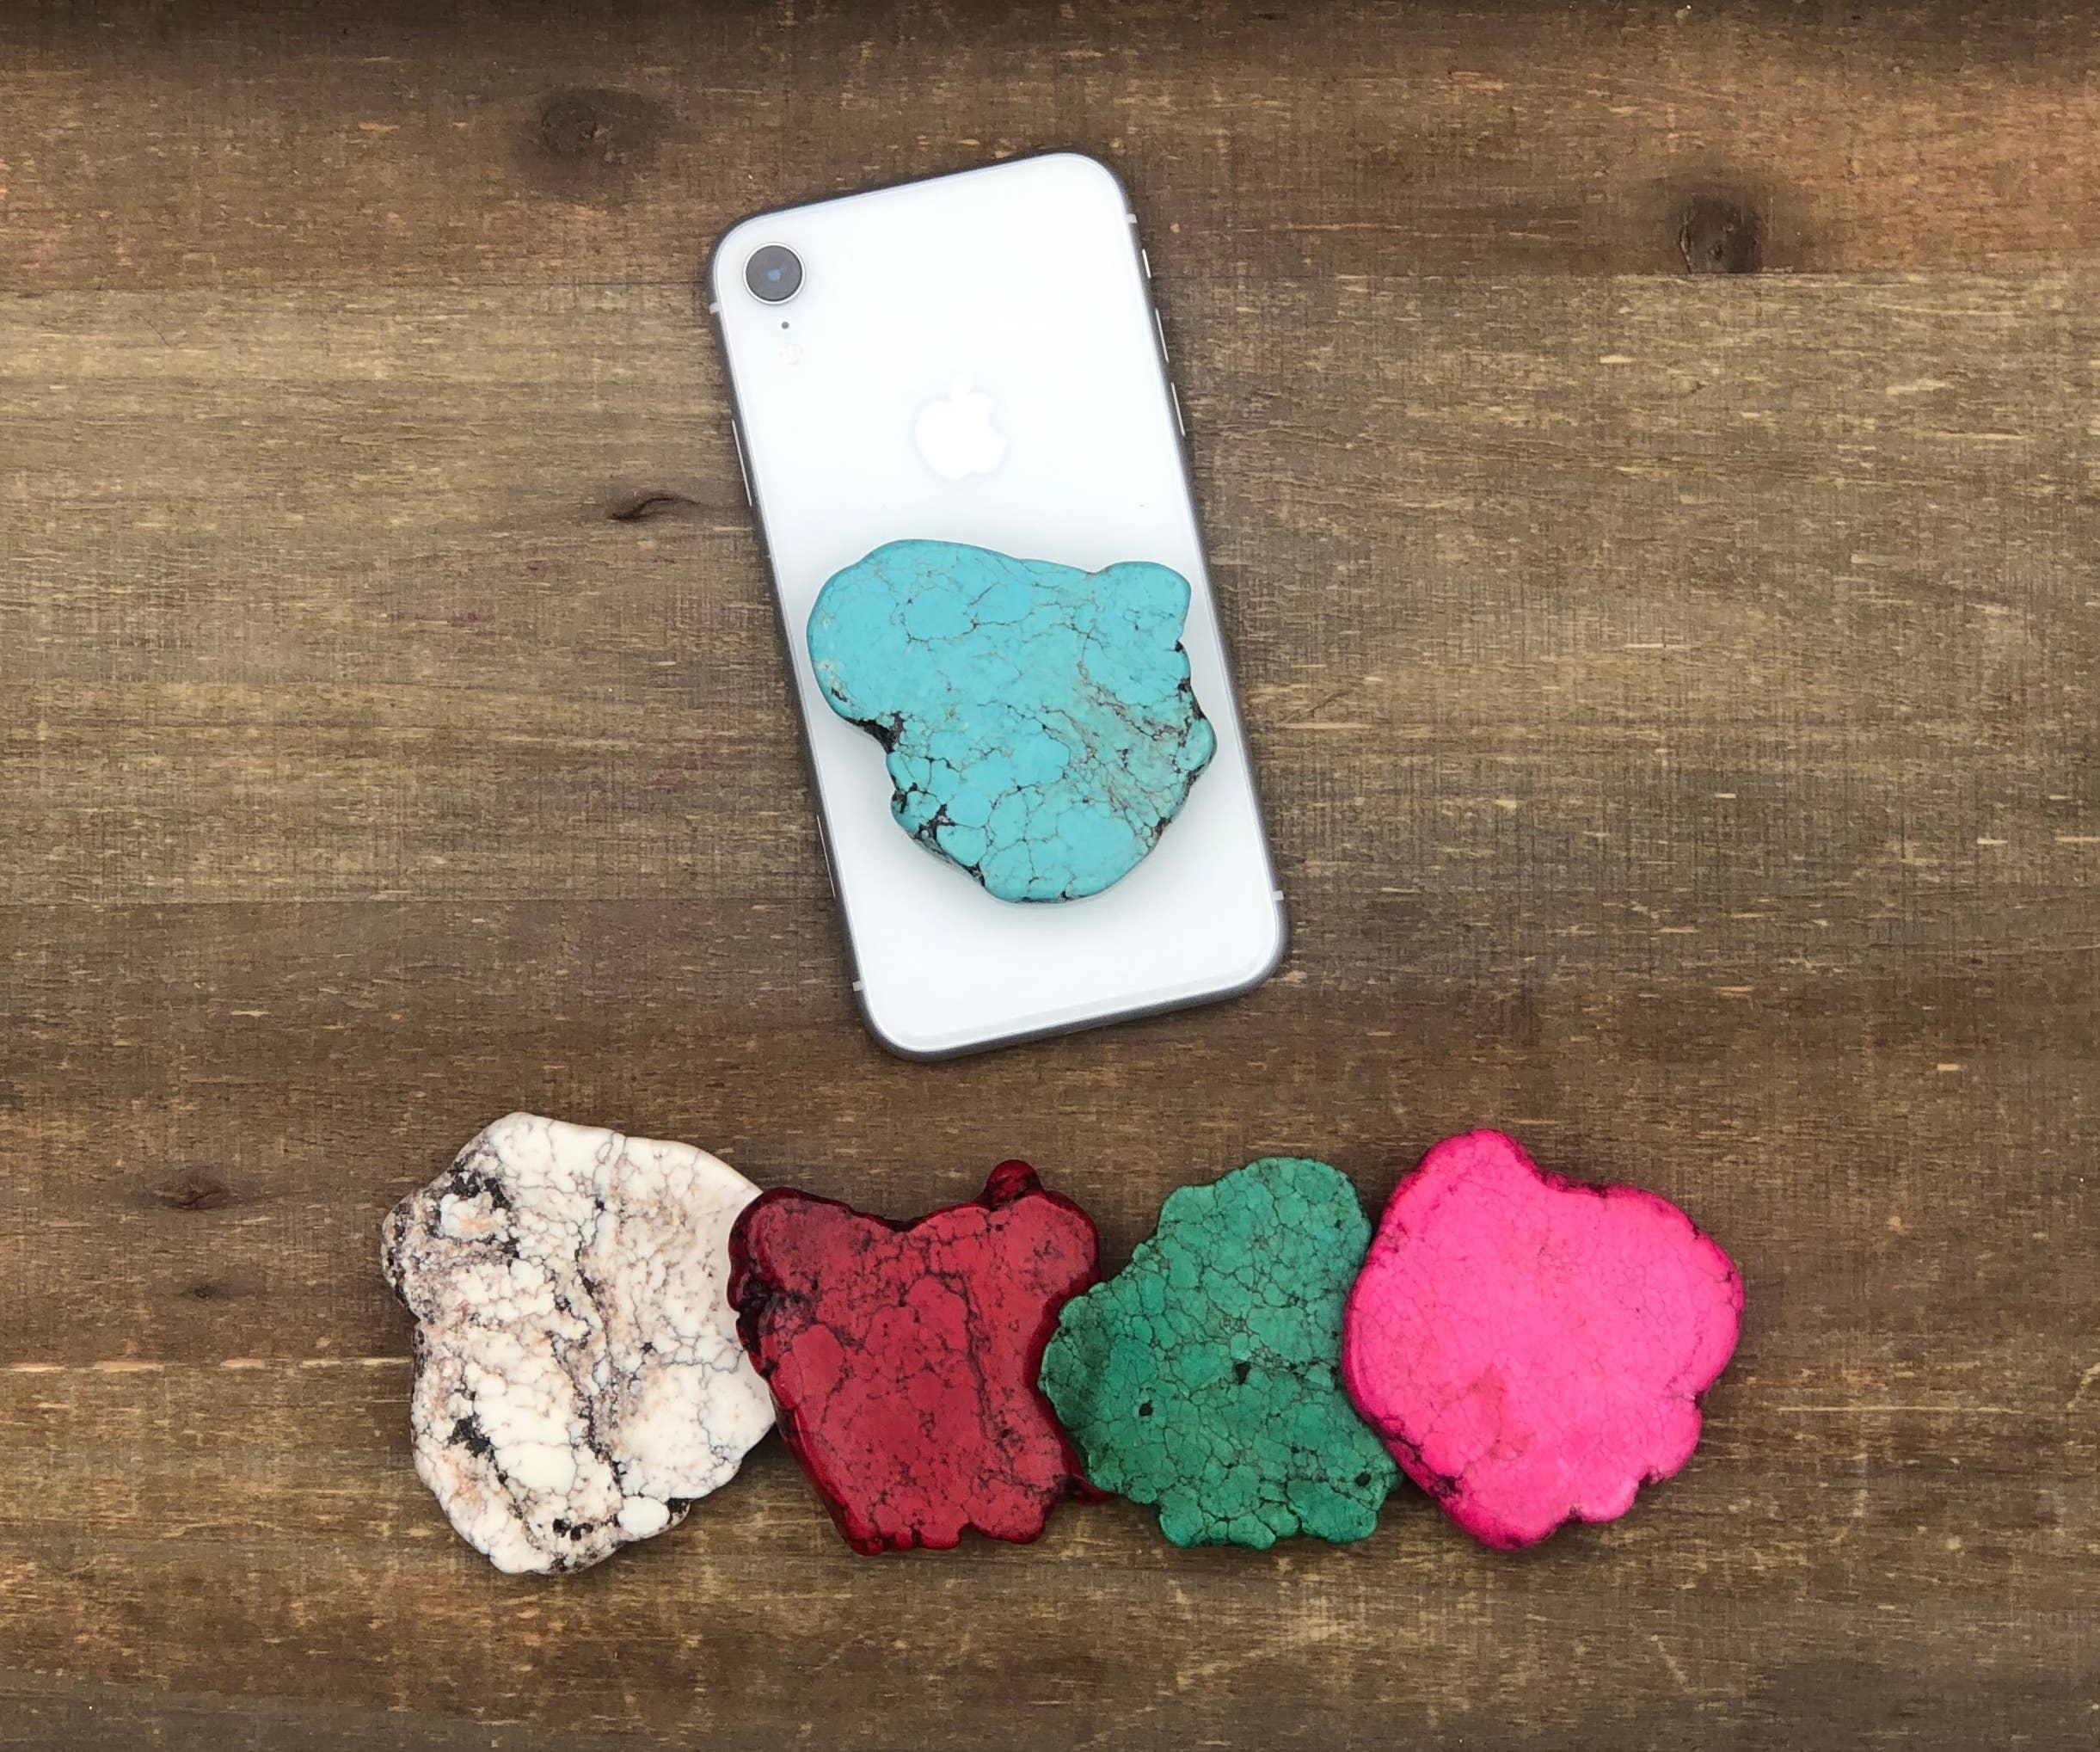 Phone Grips Mushroom Phone Grip Phone accessories Crystal Phone Grip Skull Phone Grip